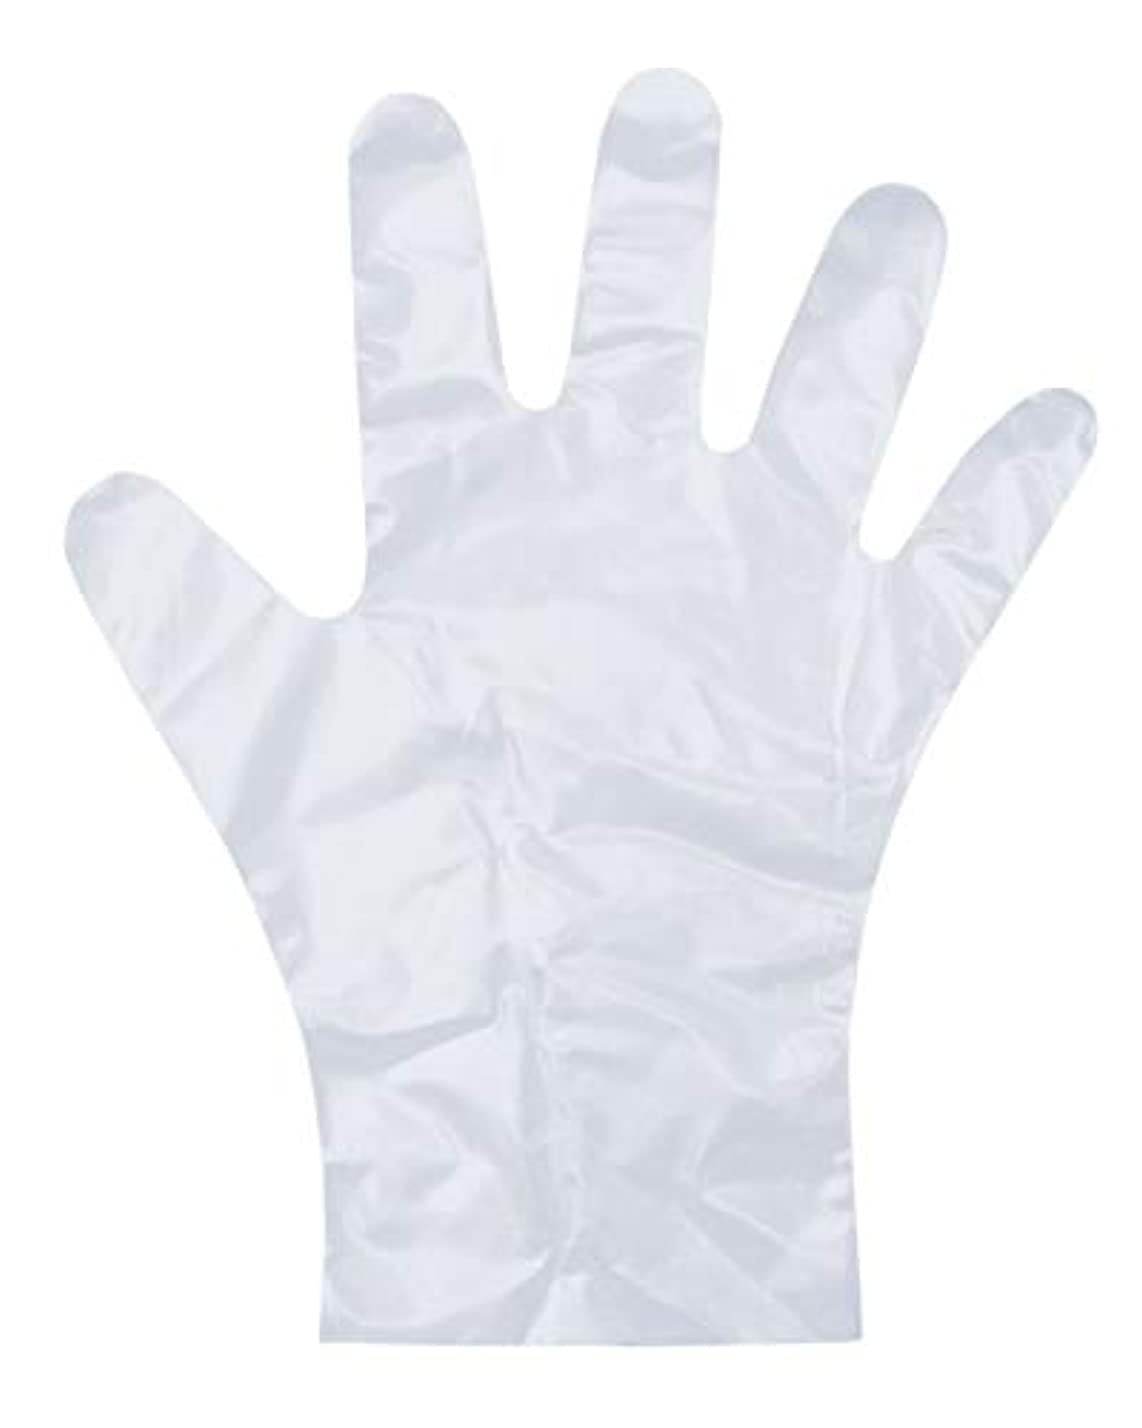 法的関係大ダンロップ ホームプロダクツ ポリエチレン手袋 使い捨て エンボス 半透明 M 調理 掃除 洗濯 介護 毛染め PD-110 100枚入